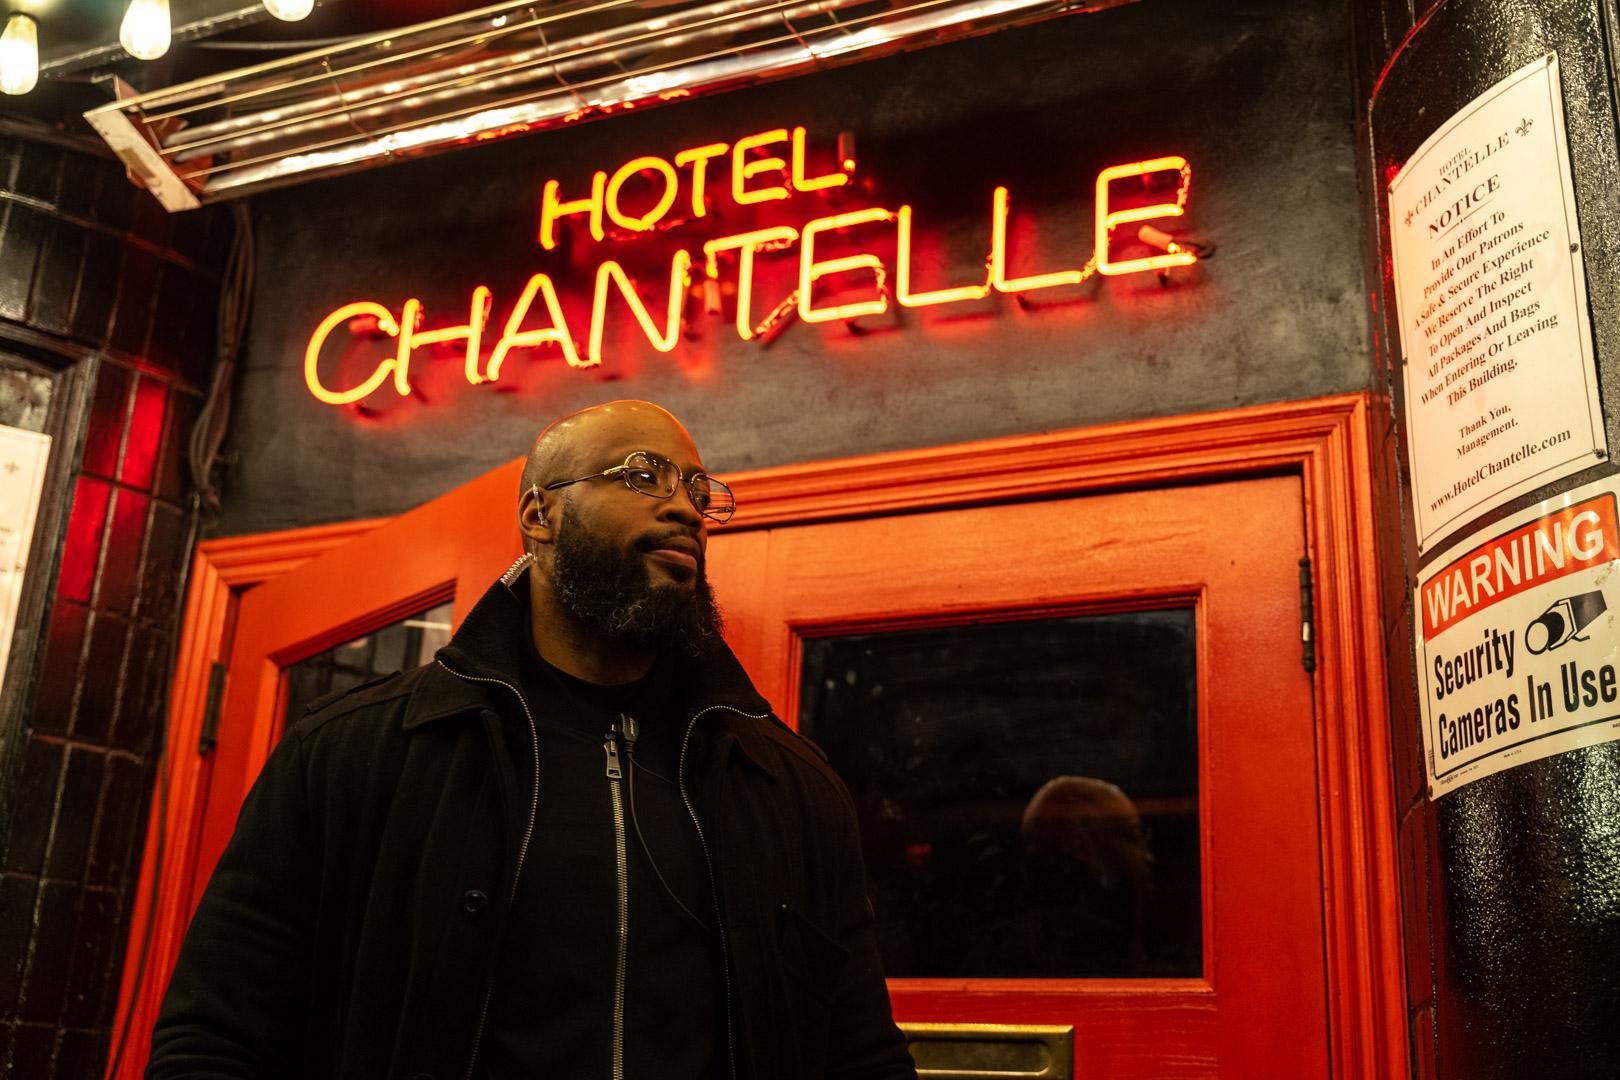 @deedav.jpg_HotelChantelle-23.jpg